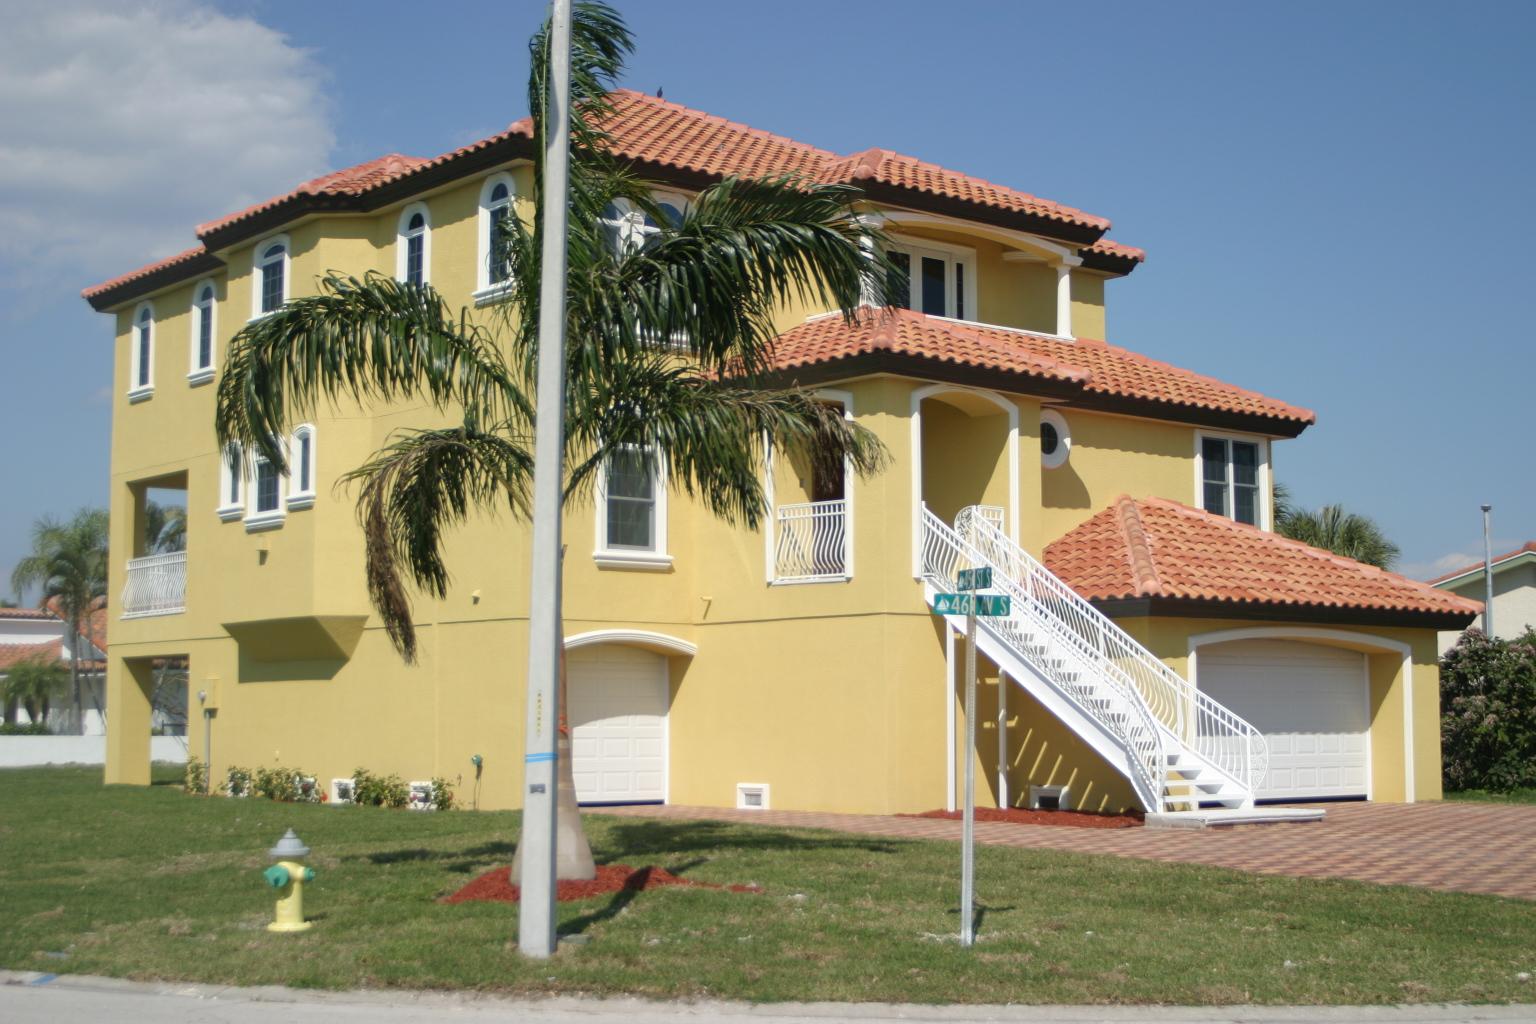 Coastal Zone Custom Home in St. Petersburg